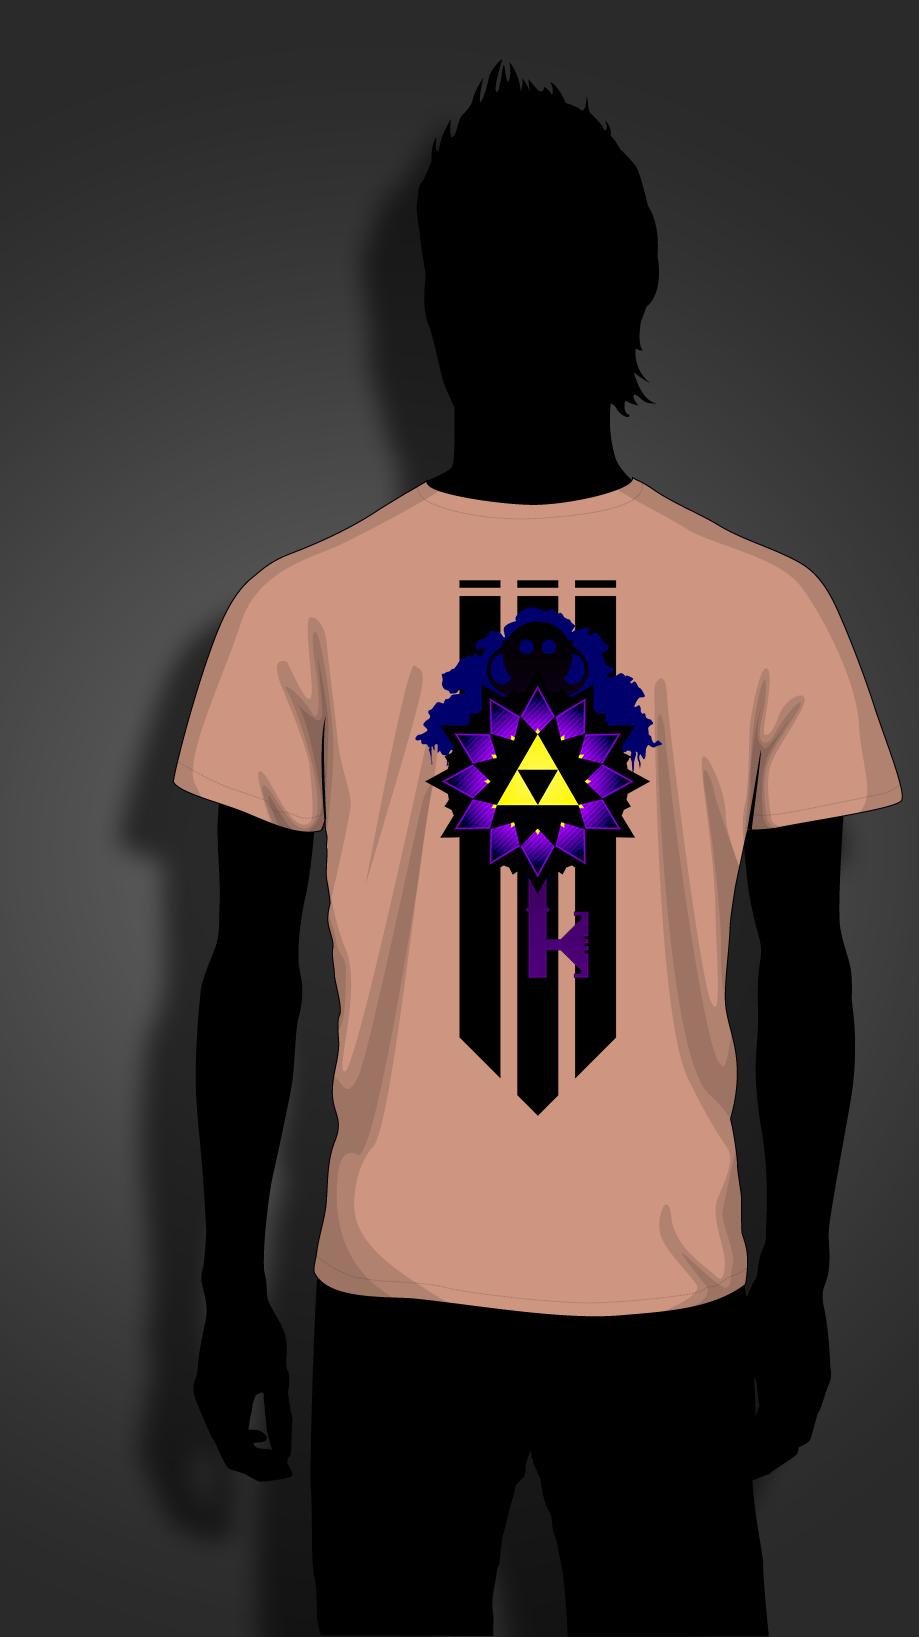 triflower-example-tshirt.png